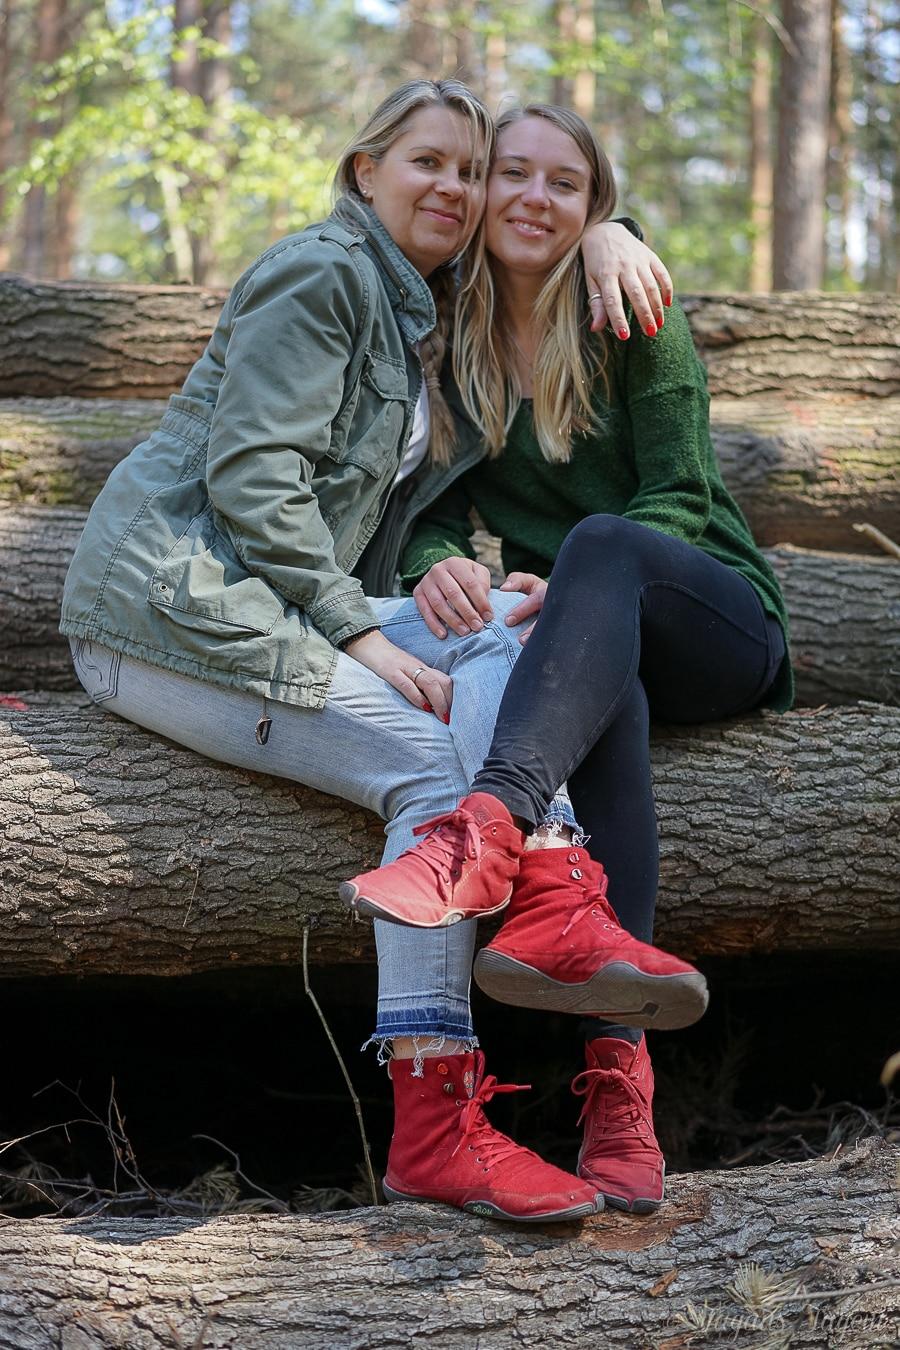 Durch Wald & Wiese – Ein Familienspaziergang mit Wildling Schuhen